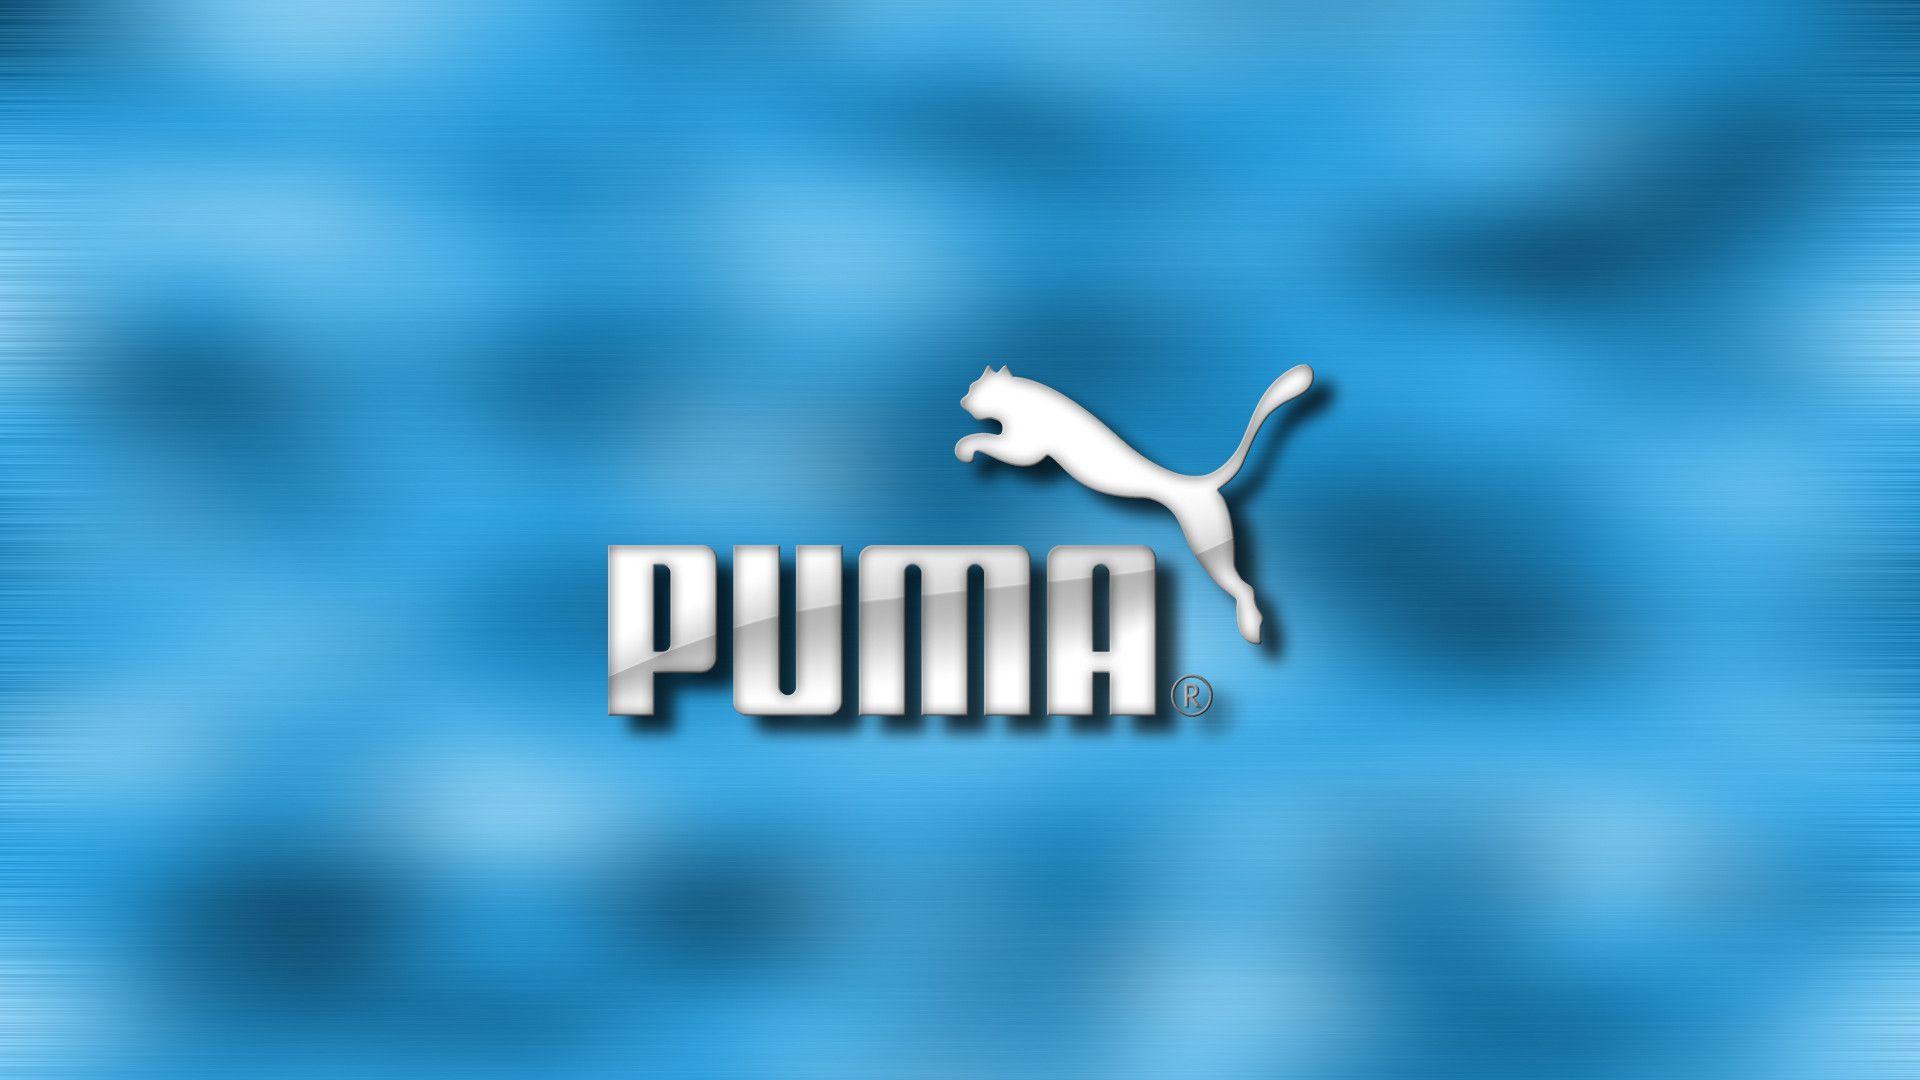 Puma wallpaper - 193679